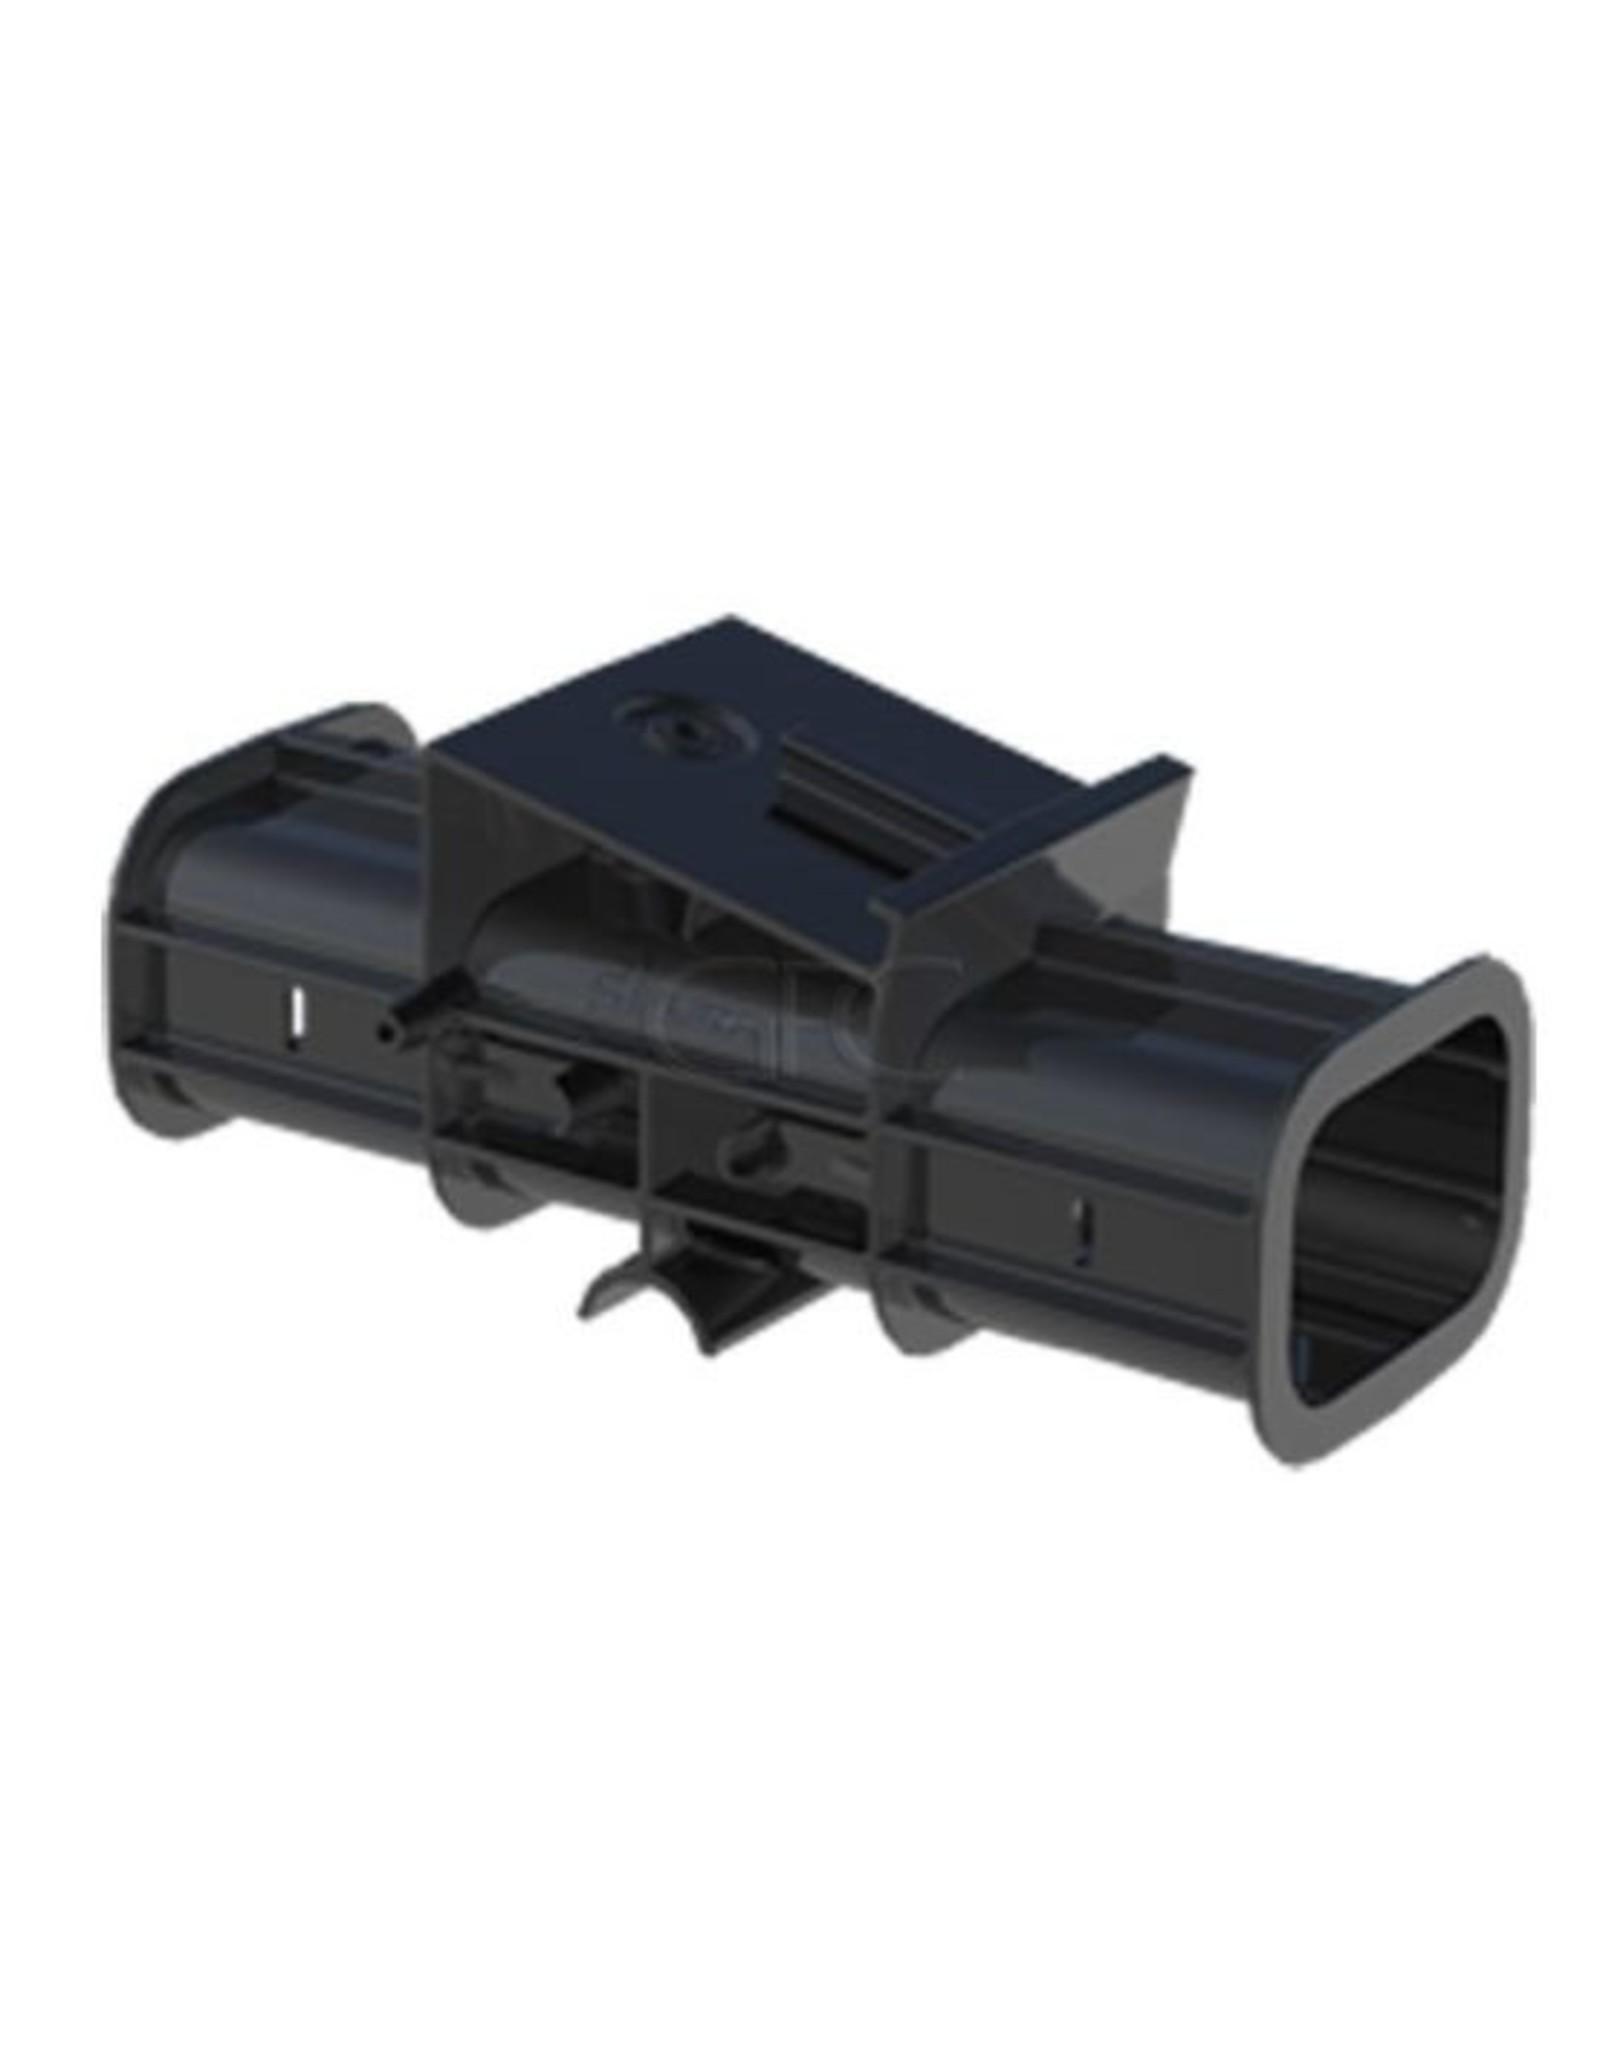 Esdec FlatFix Fusion Esdec flatFix Fusion Basiselement laag (zwart)